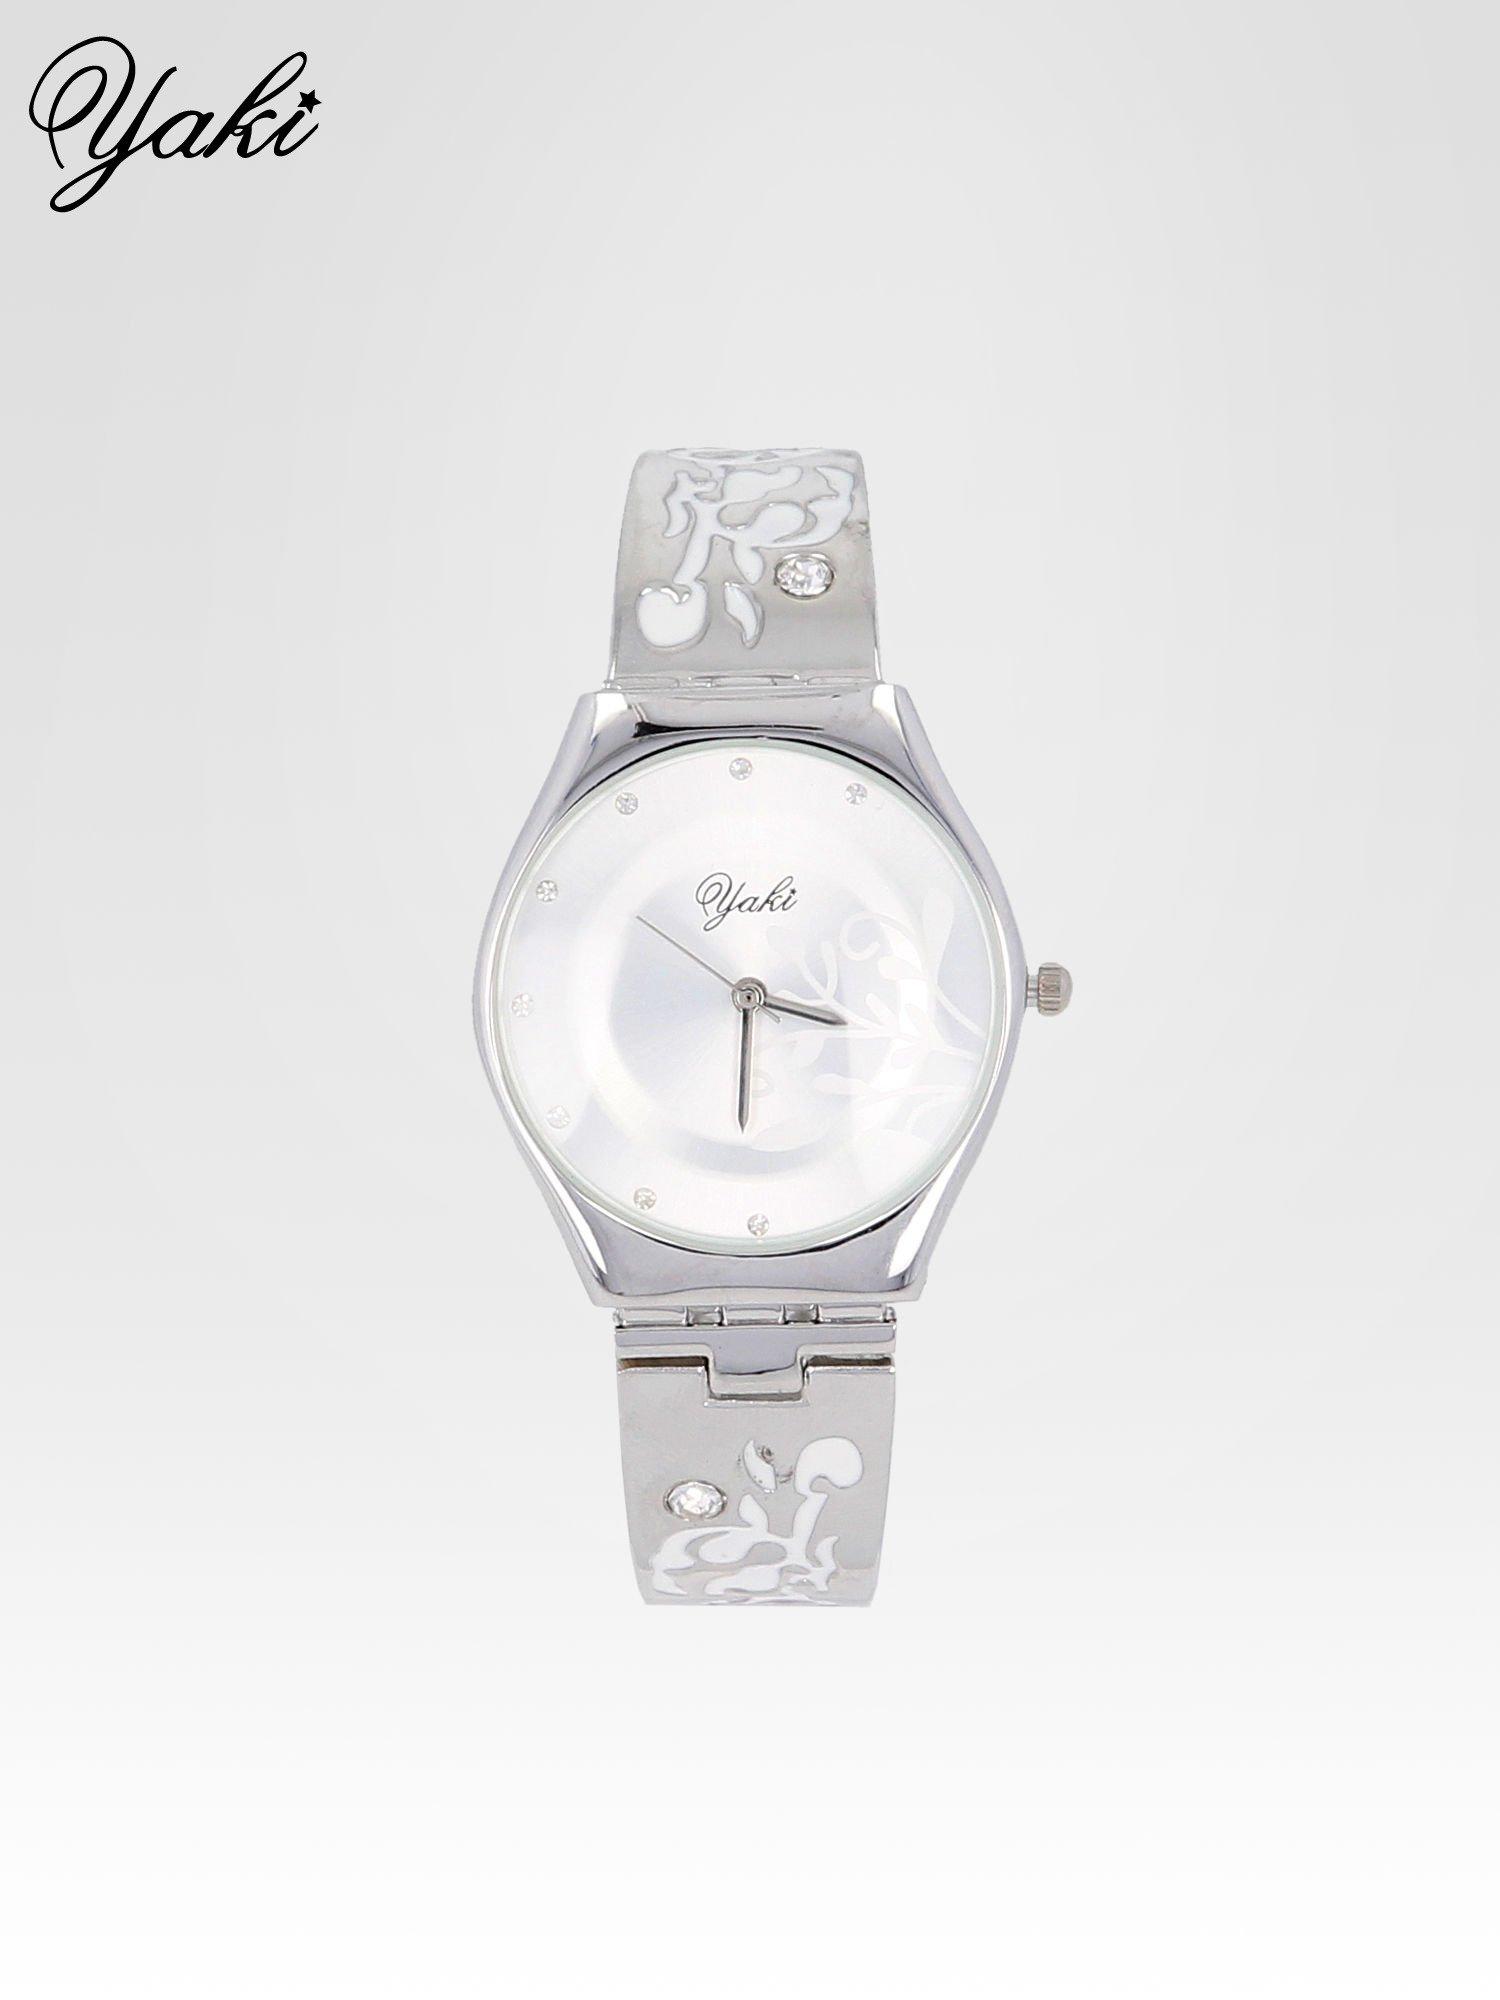 Srebrny zegarek damski na bransolecie z subtelnym zdobieniem                                  zdj.                                  1